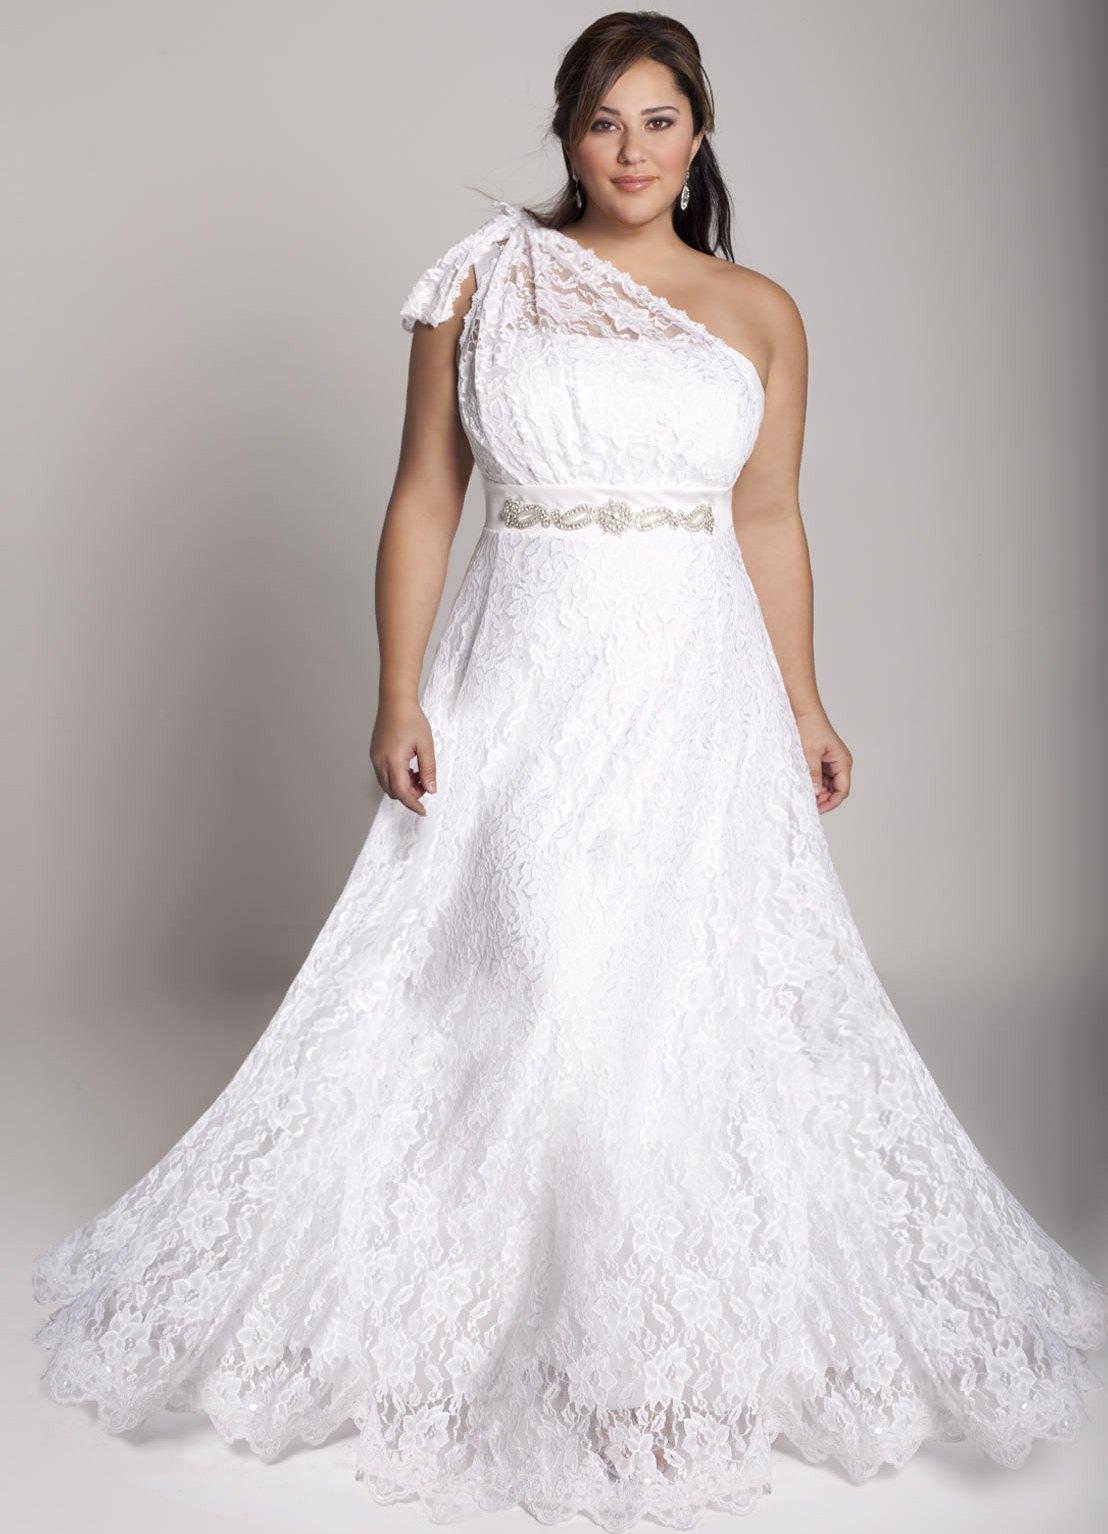 Фасоны свадебных платьев для полных девушек